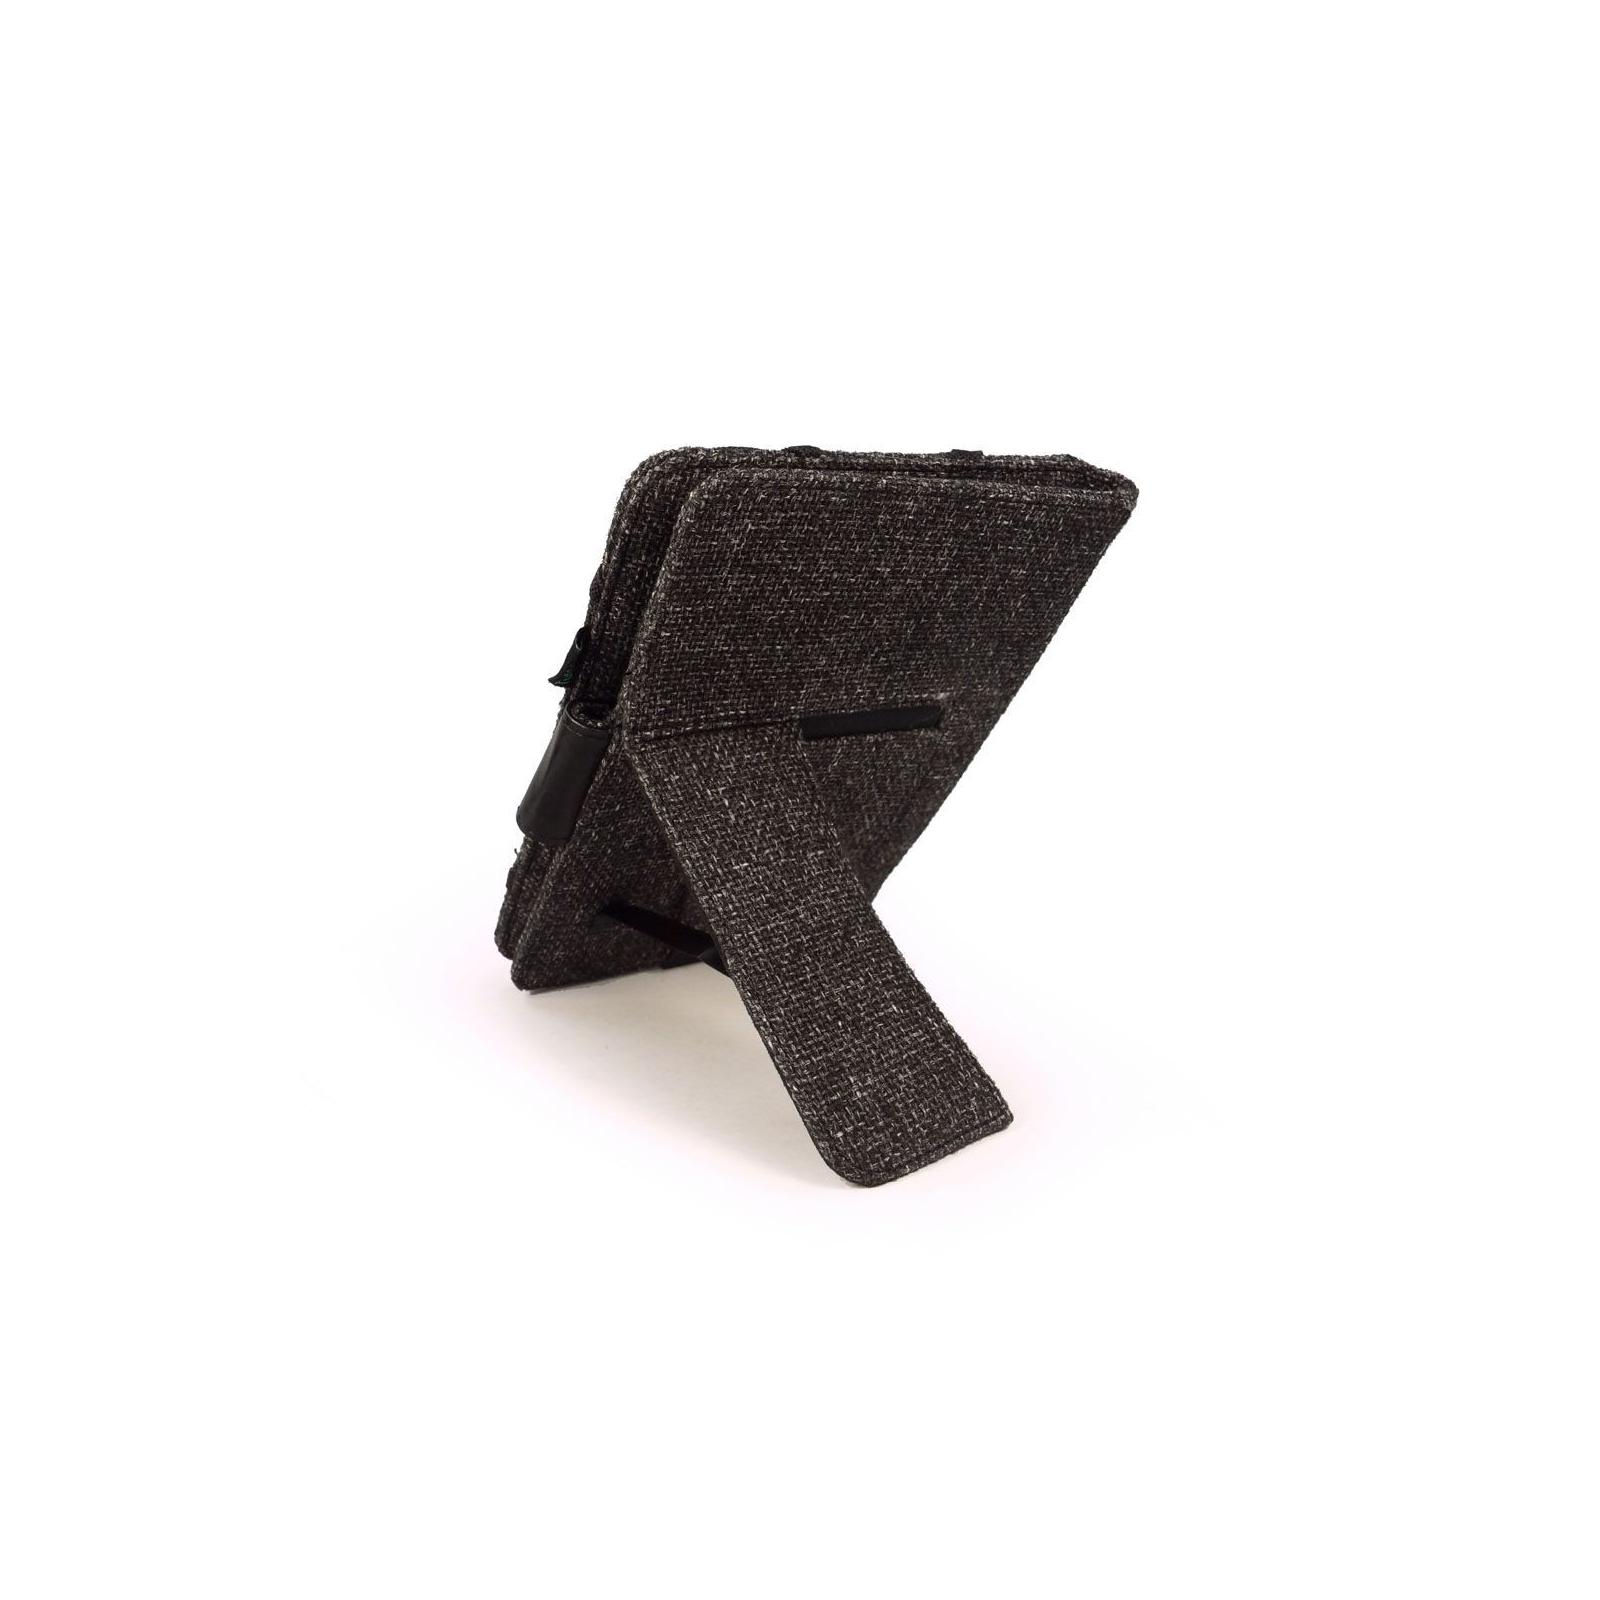 Чехол для электронной книги Tuff-Luv 6 Embrace Plus Hemp Charcoal Black (I3_16) изображение 2